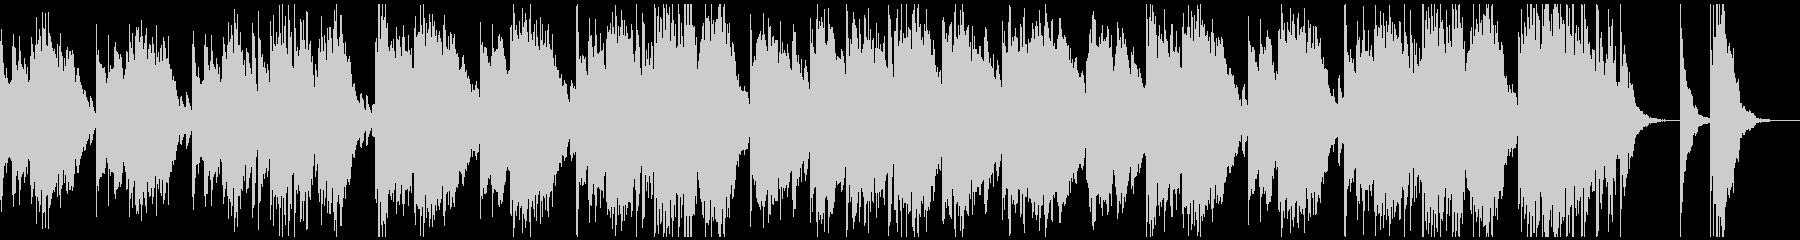 マリンバのメロディが軽快で楽しいインストの未再生の波形